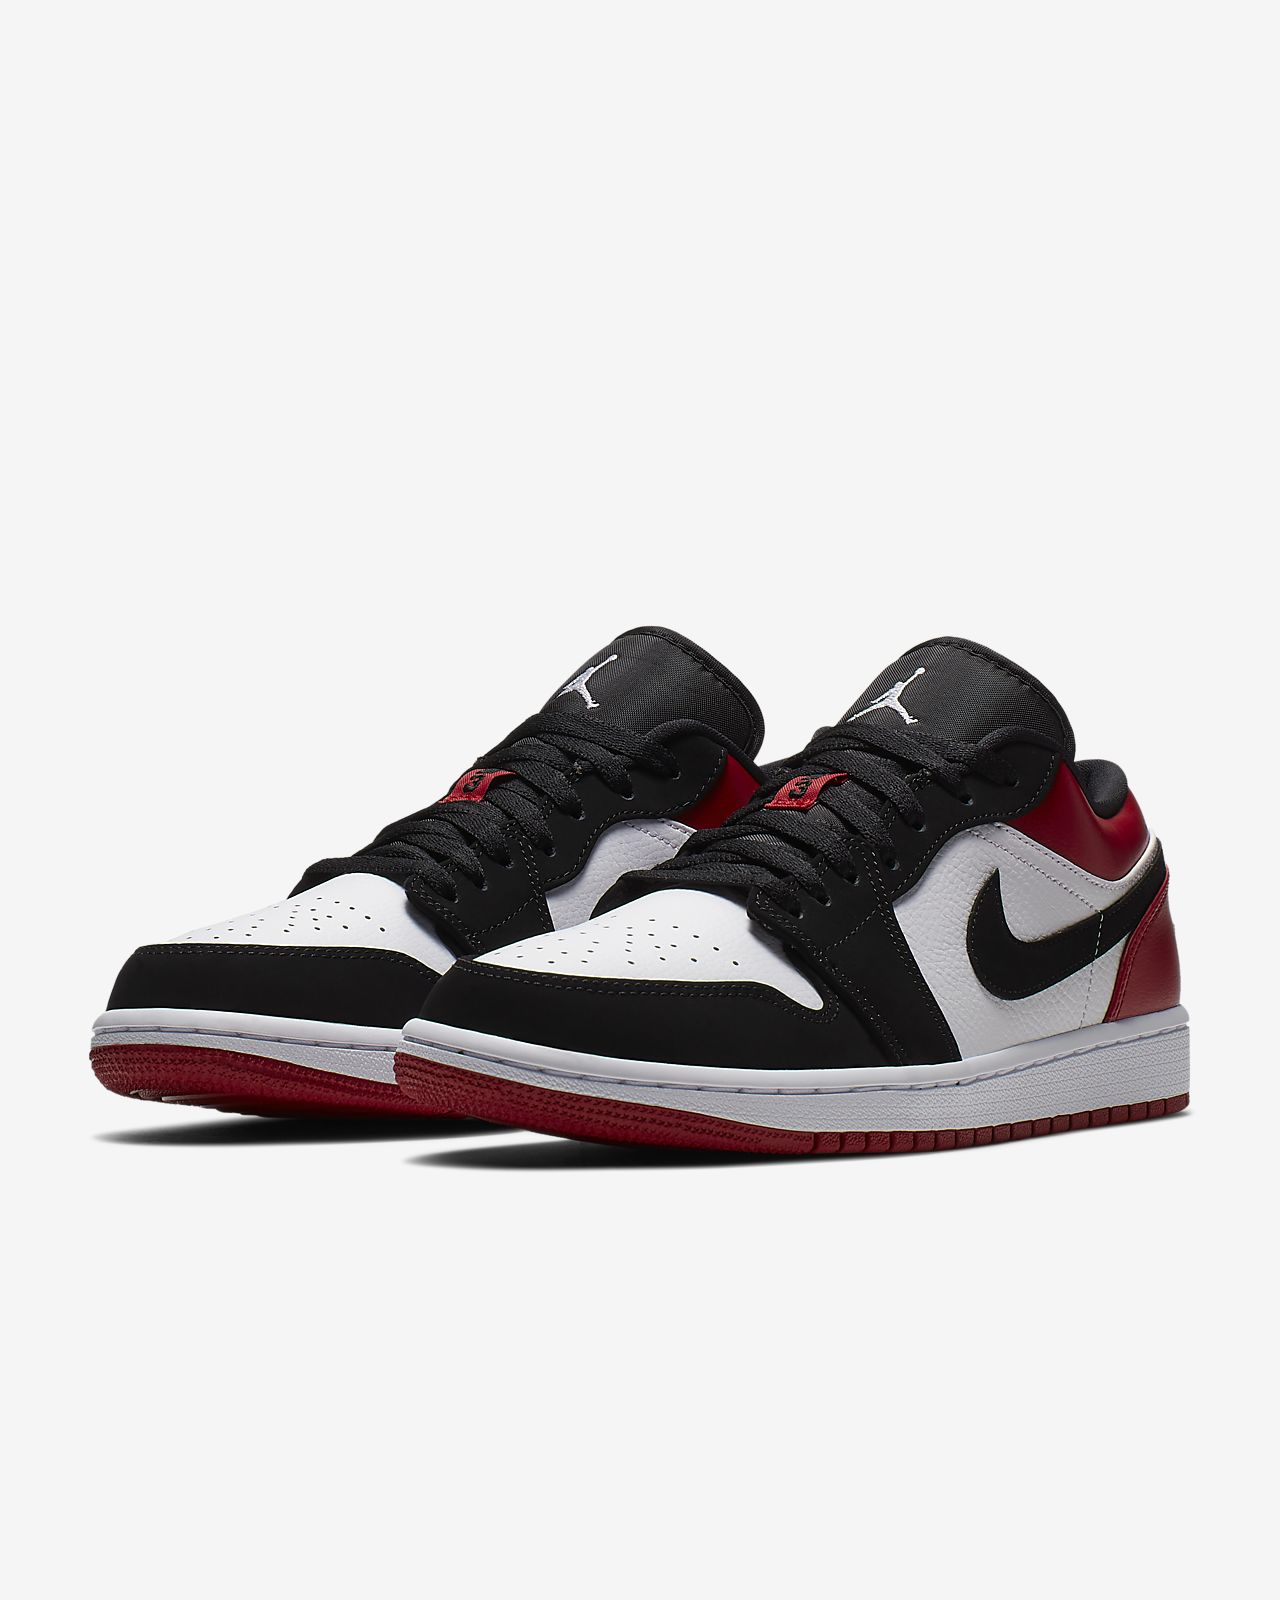 new arrival 140cd 8c497 Air Jordan 1 Low Men's Shoe